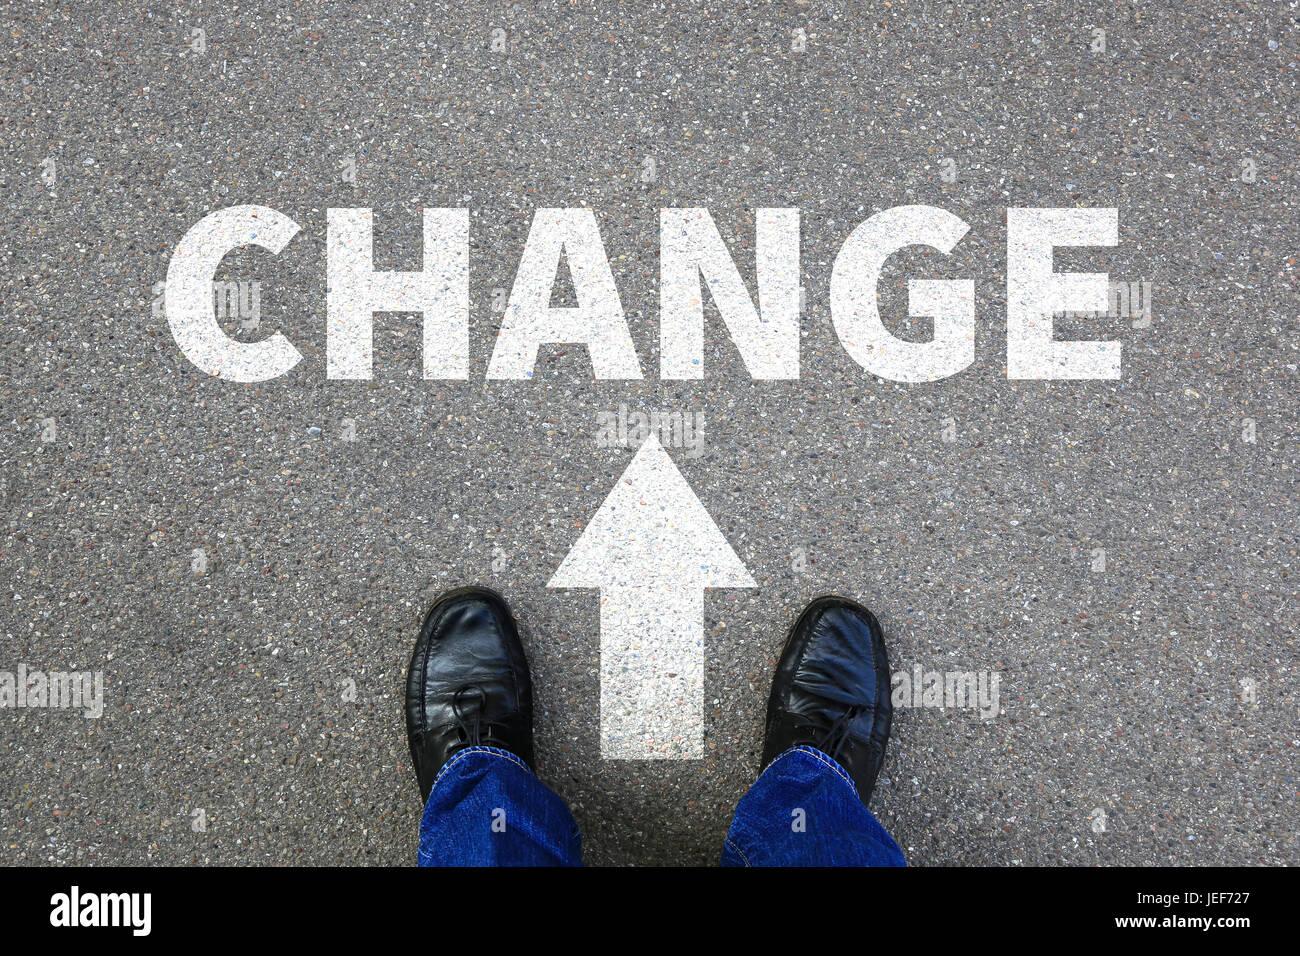 Modificare cambiando lavoro lavoro la tua vita cambia la concezione di business vision Immagini Stock